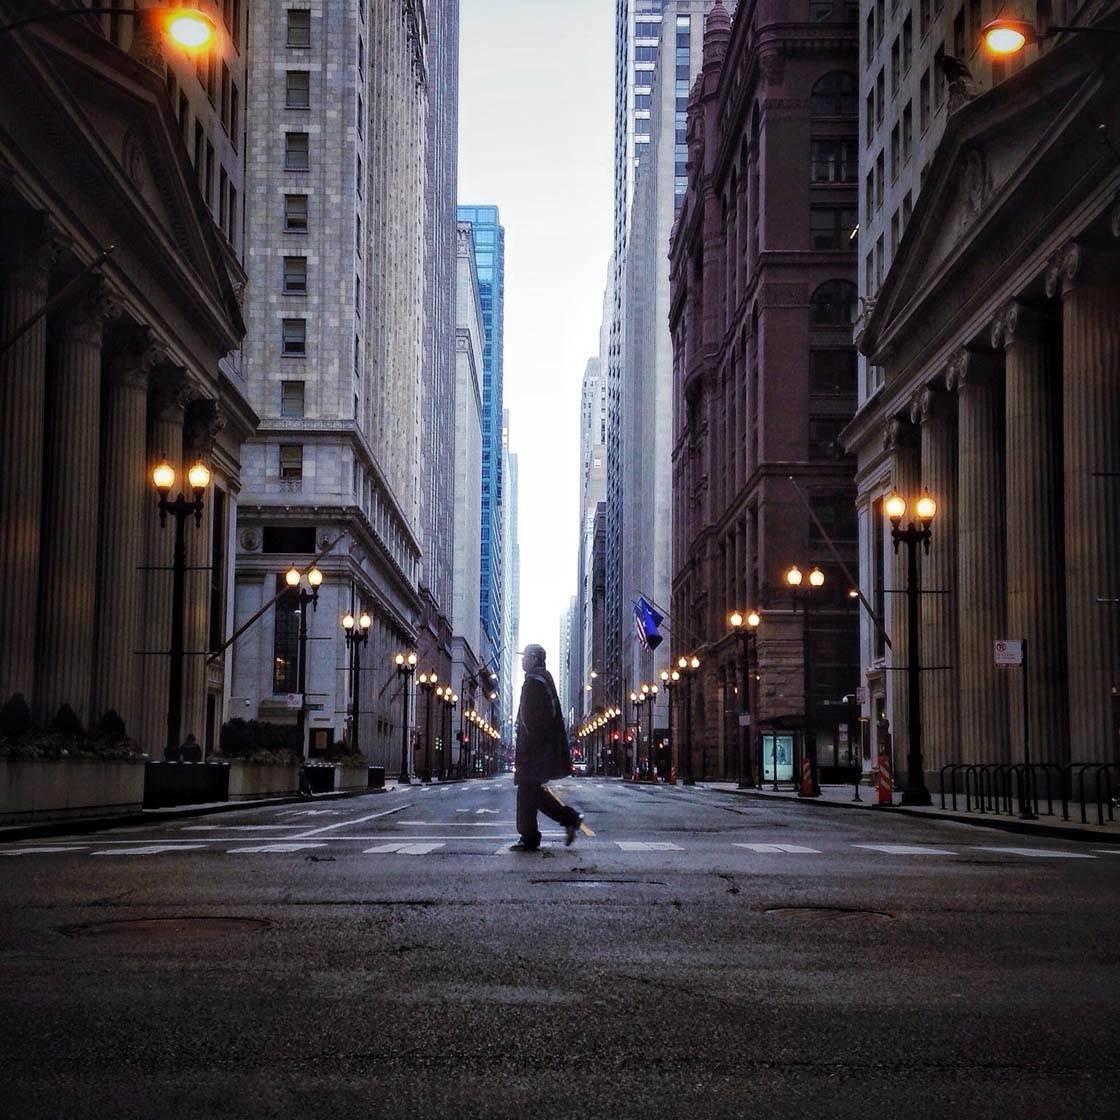 Busy City iPhone Photos 4 no script